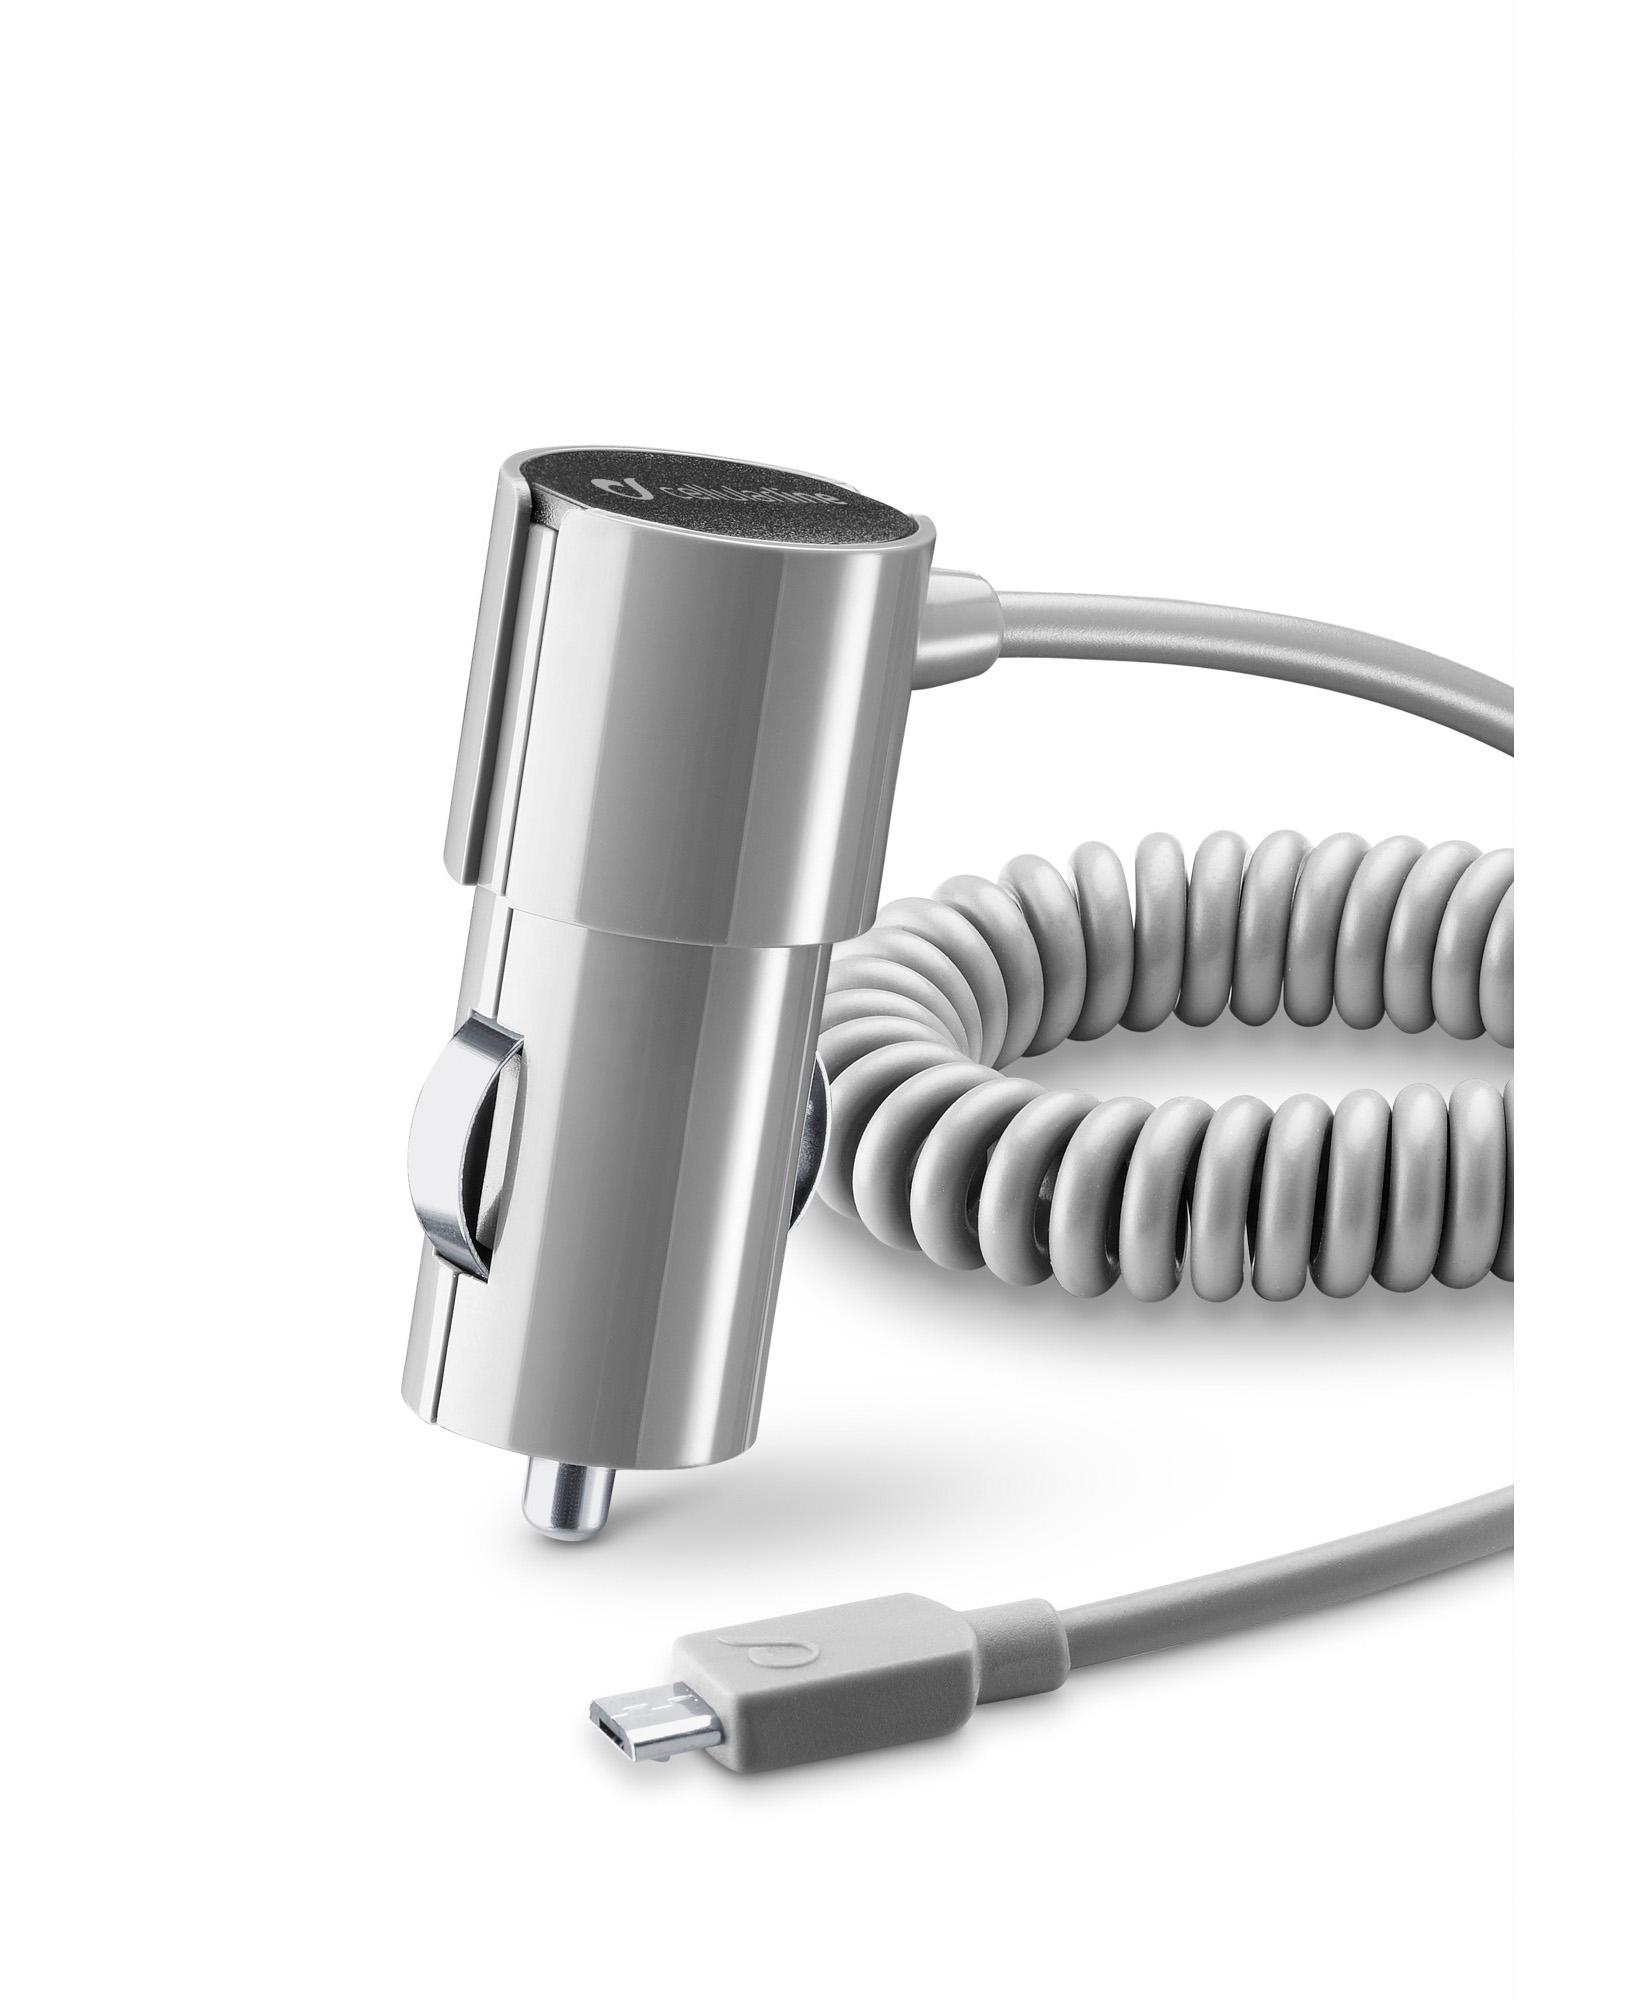 Cellularline Car Charger #Stylecolor - Micro USB Caricabatterie da auto colorato e compatto Grigio